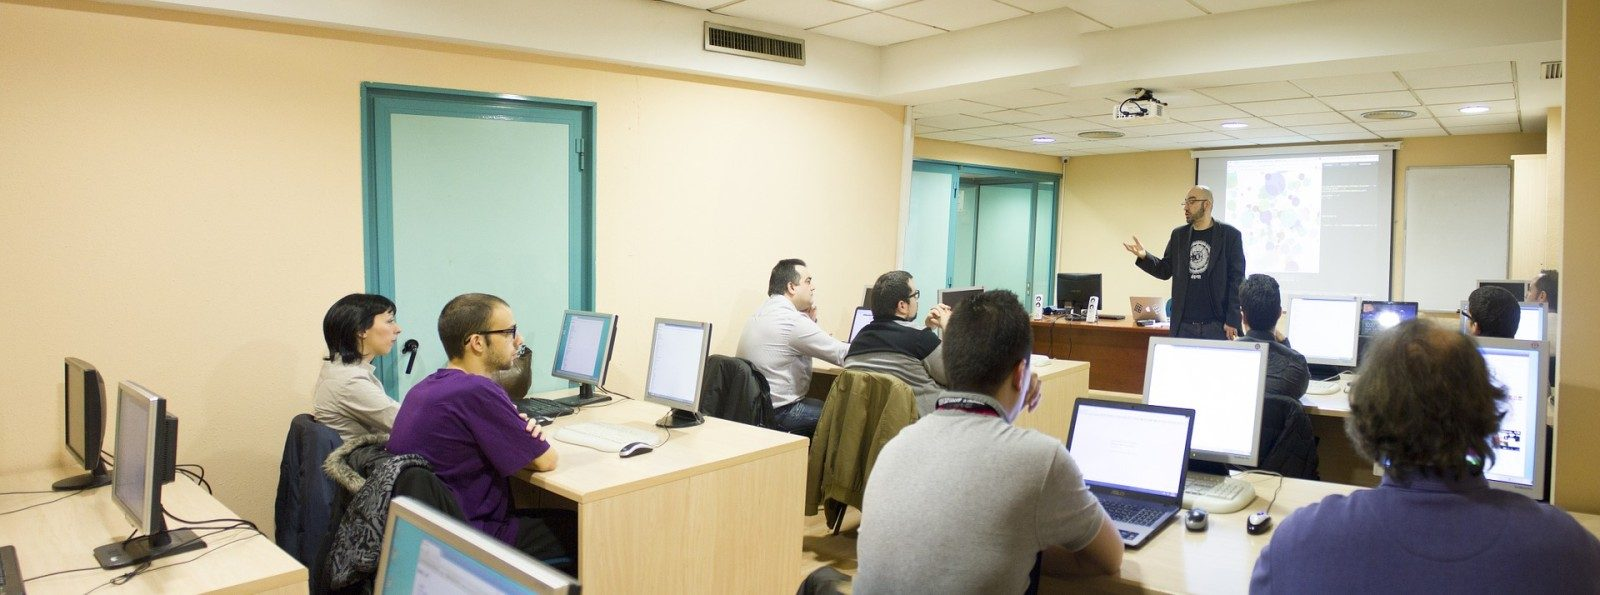 Formations professionnelles : le CNAM Lorraine propose des réunions d'information